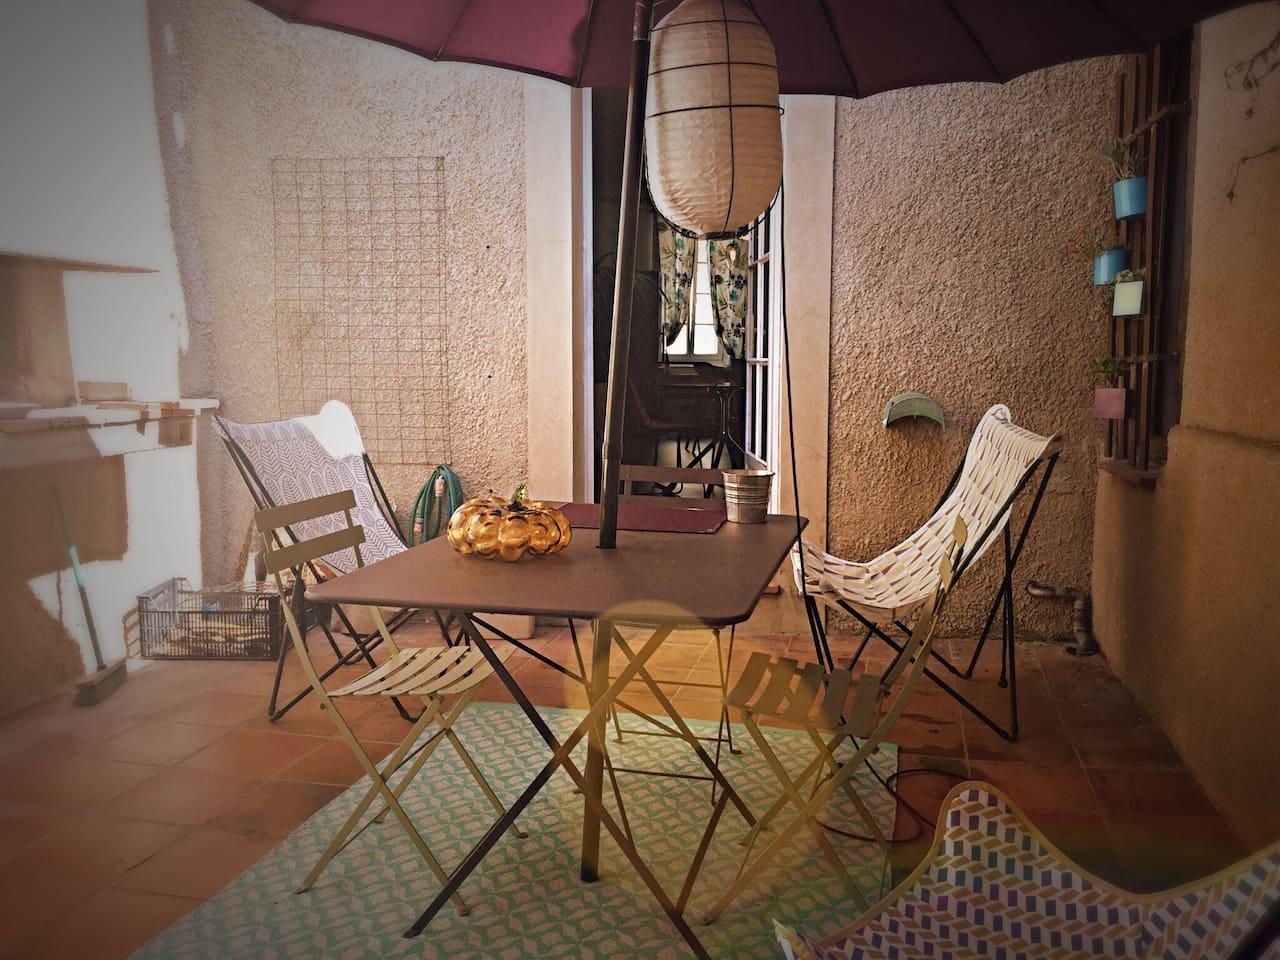 Patio intérieur vue sur le logement.